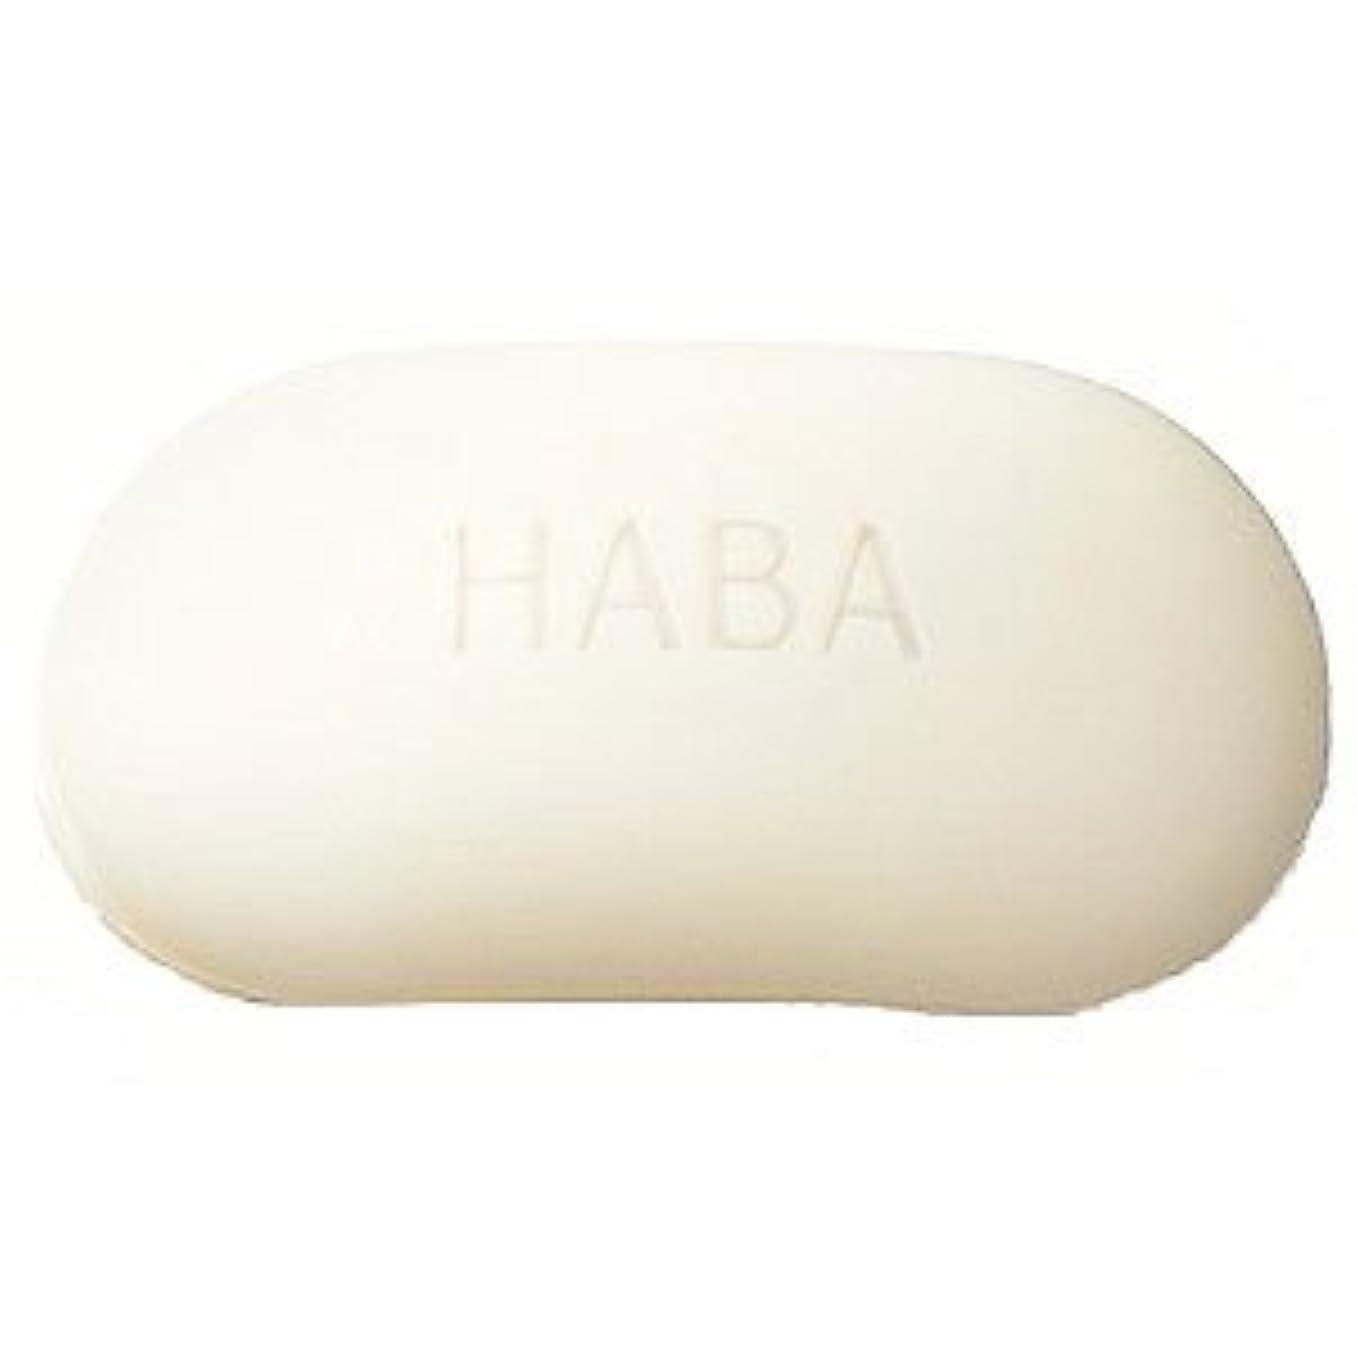 気候クリップ蝶気候HABA 絹泡石けん 2個組<HABA/ハーバー(ハーバー研究所)>